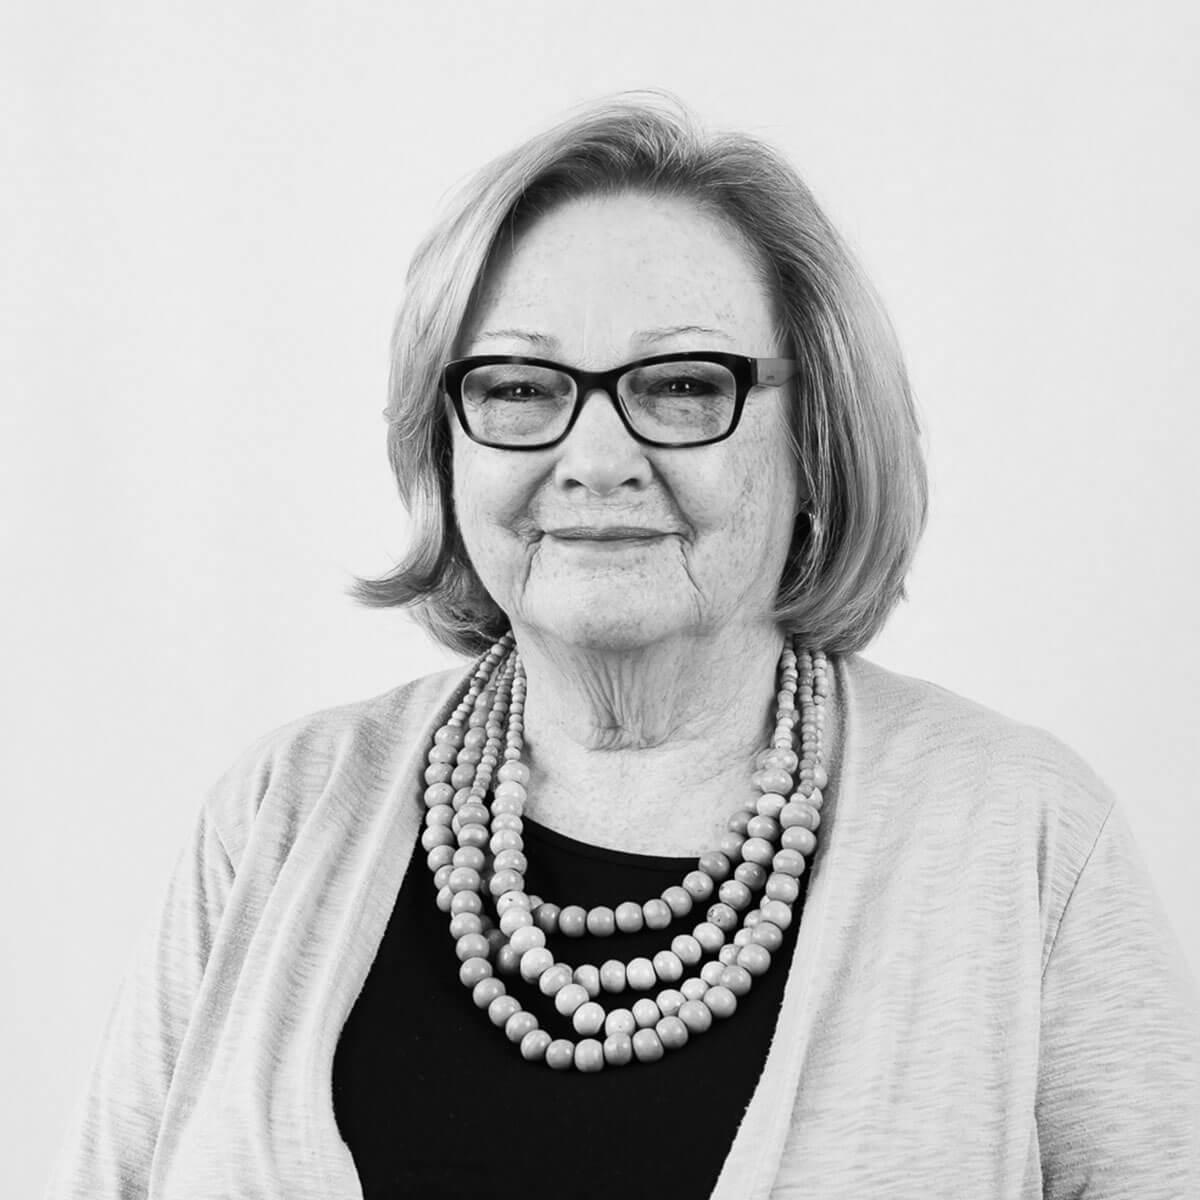 Jill Fleischer Djoleto